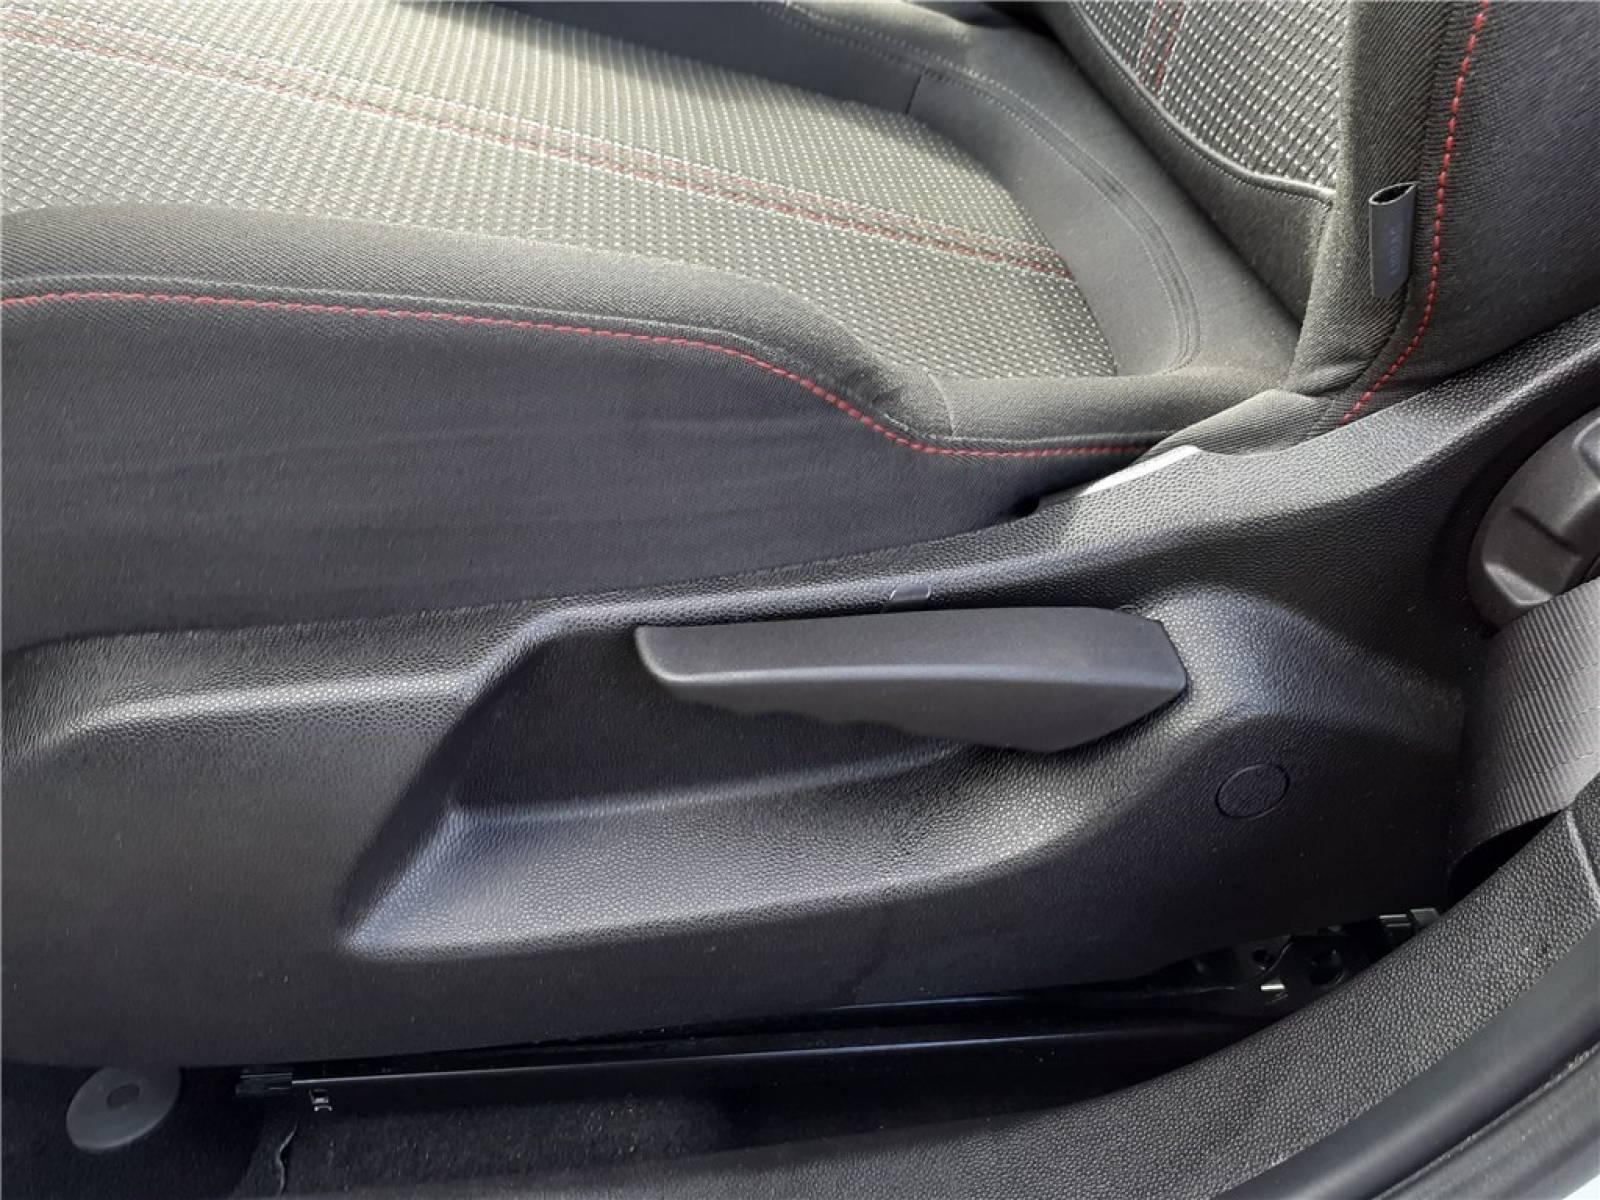 OPEL Corsa 1.4 90 ch - véhicule d'occasion - Groupe Guillet - Opel Magicauto - Chalon-sur-Saône - 71380 - Saint-Marcel - 23